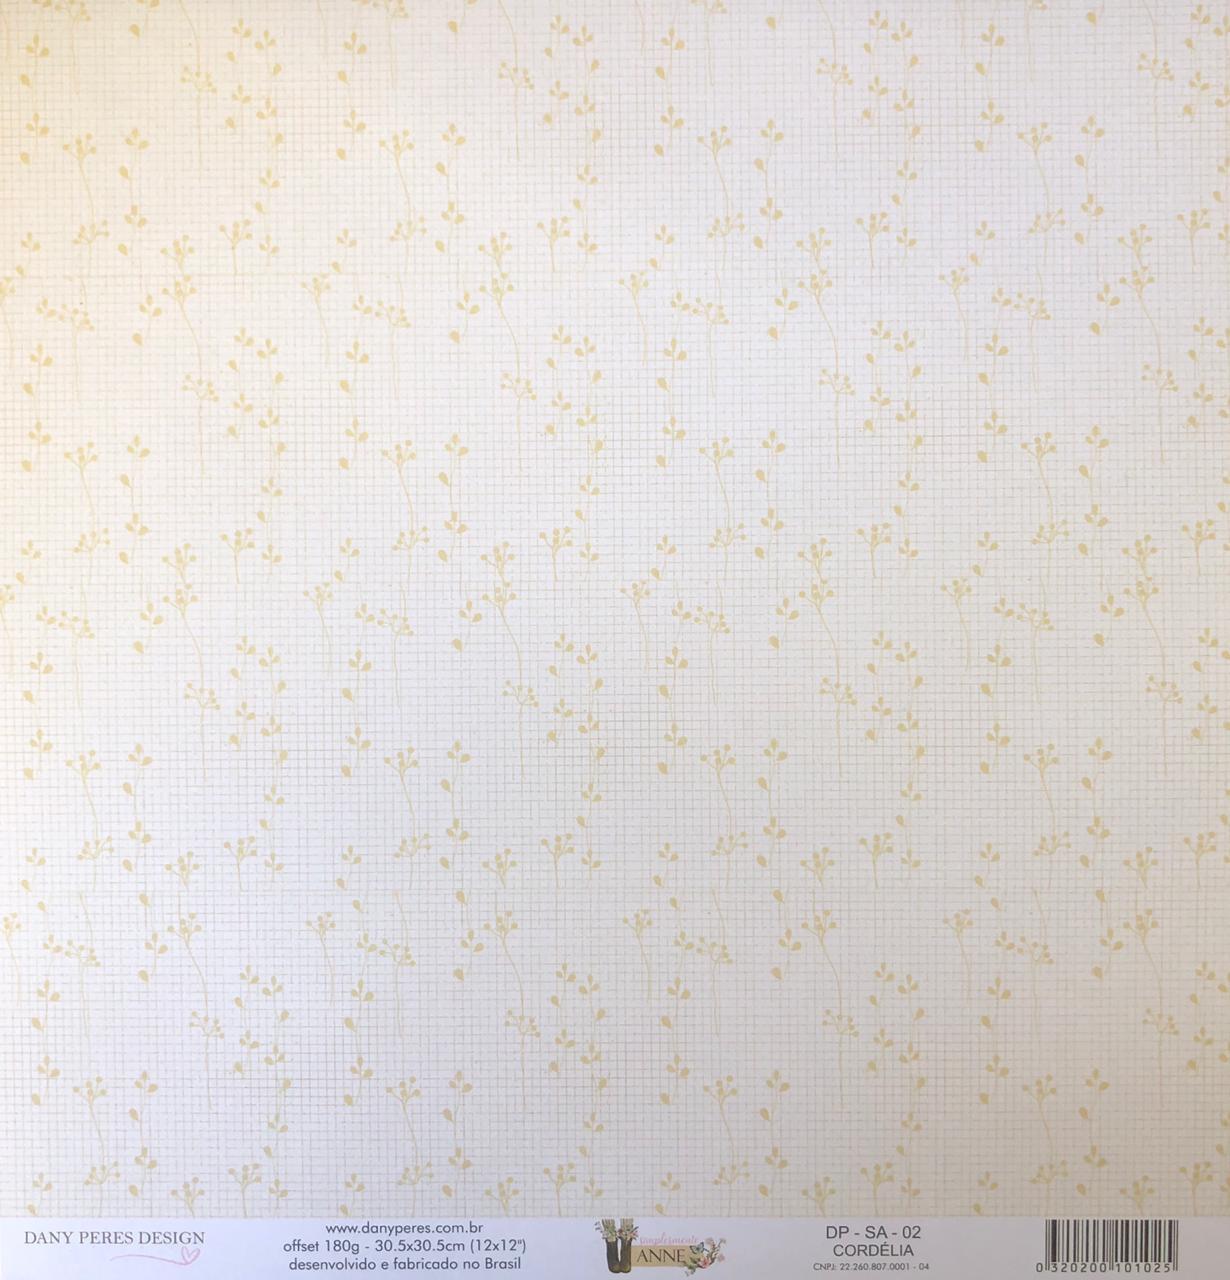 Kit Coleção Simplesmente Anne (6 Papéis + complementos) - Danny Peres